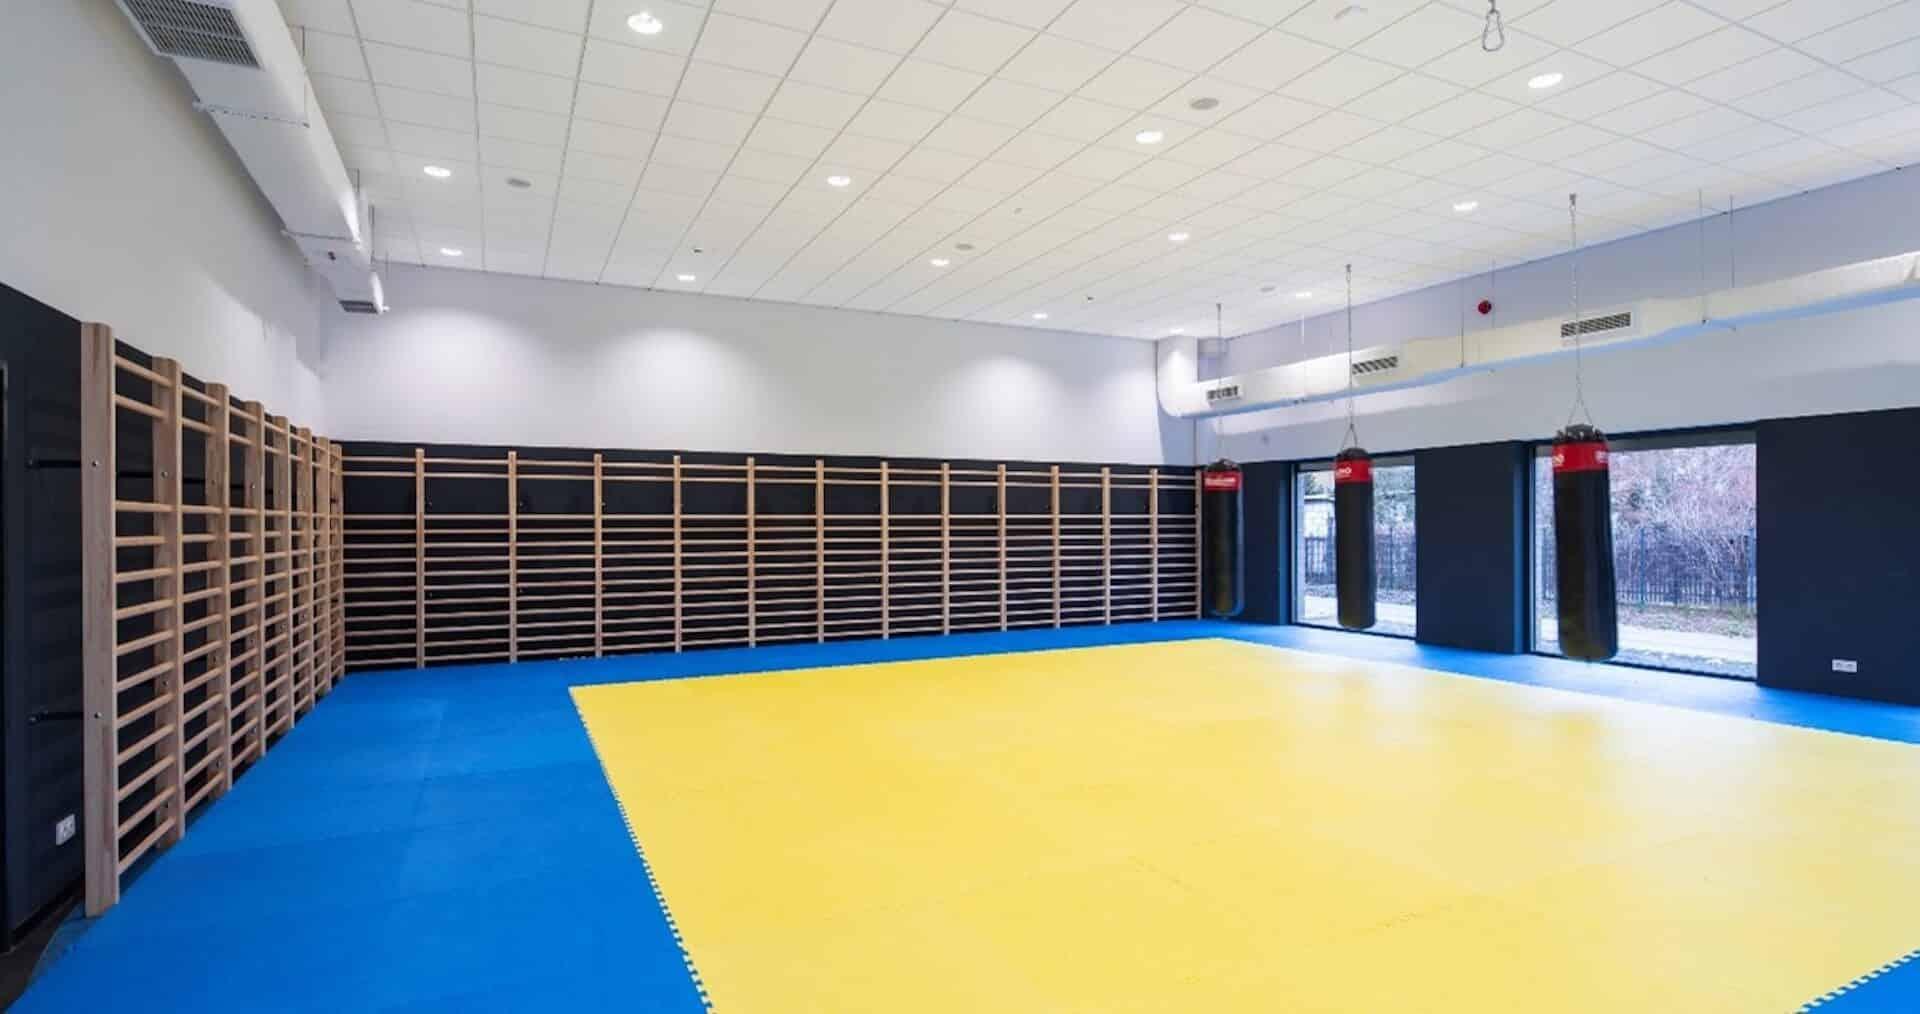 Widok na salę gimnastyczną, w której są zajęcia sportowe dla dzieci i dorosłych